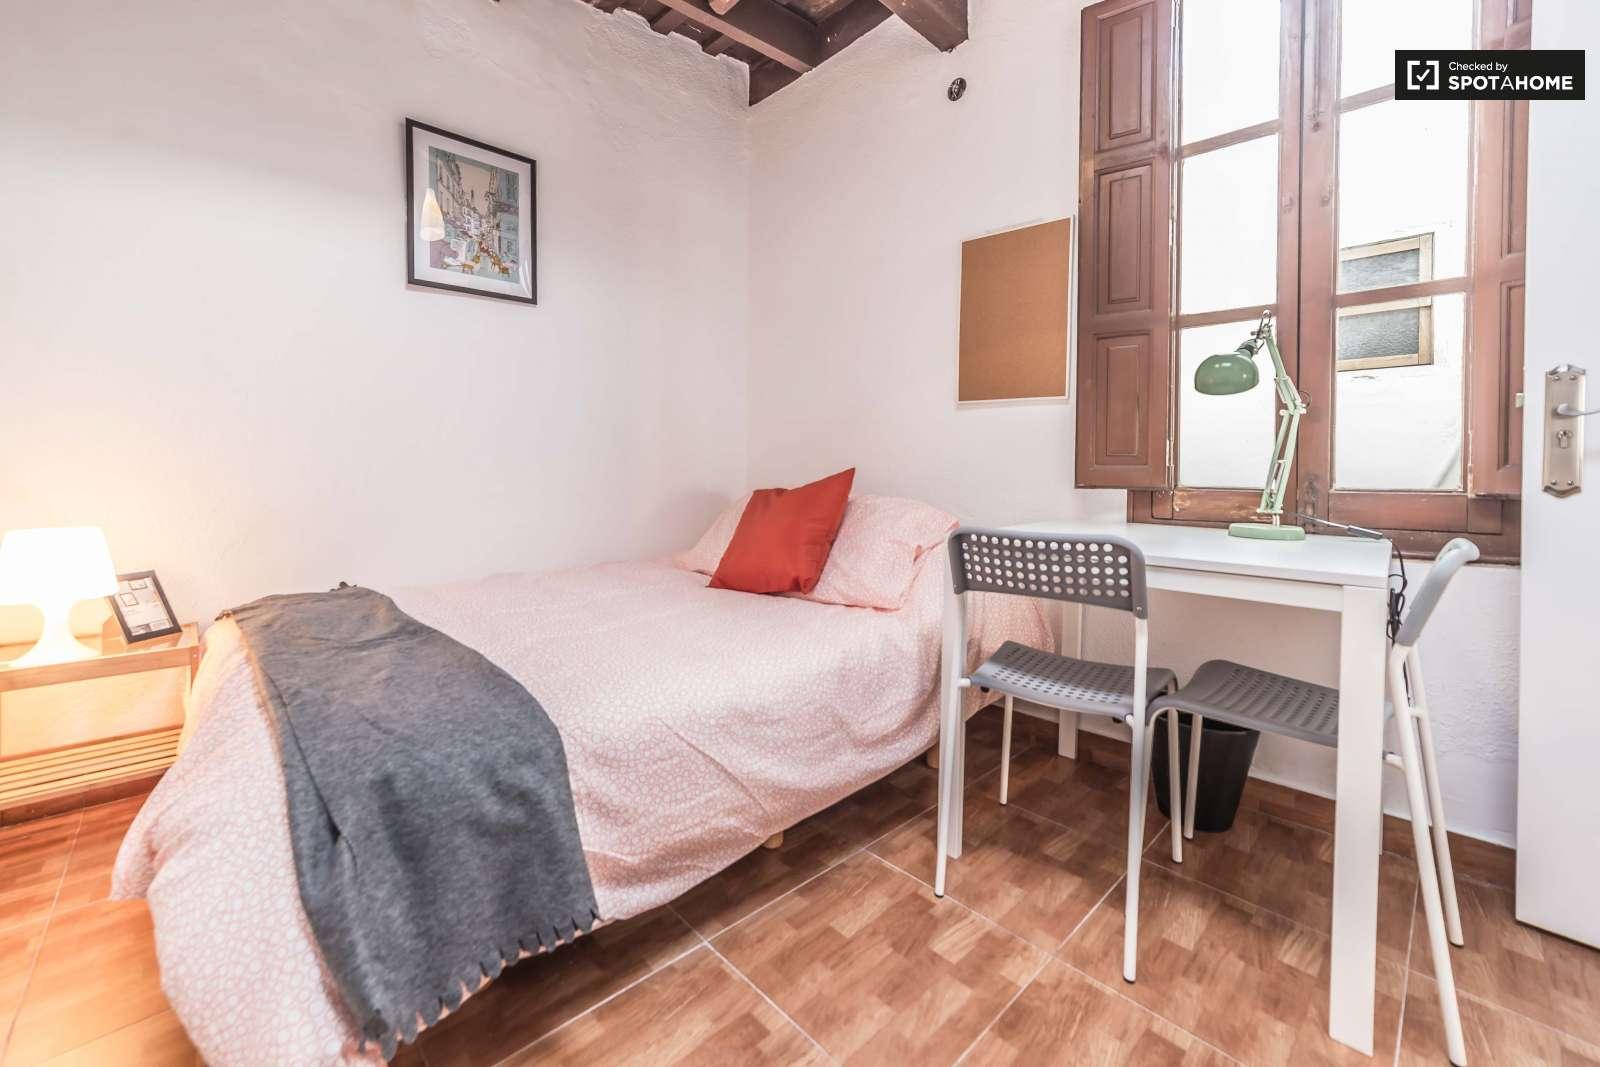 Habitaci n amueblada en piso de 4 habitaciones eixample for Piso 4 habitaciones valencia